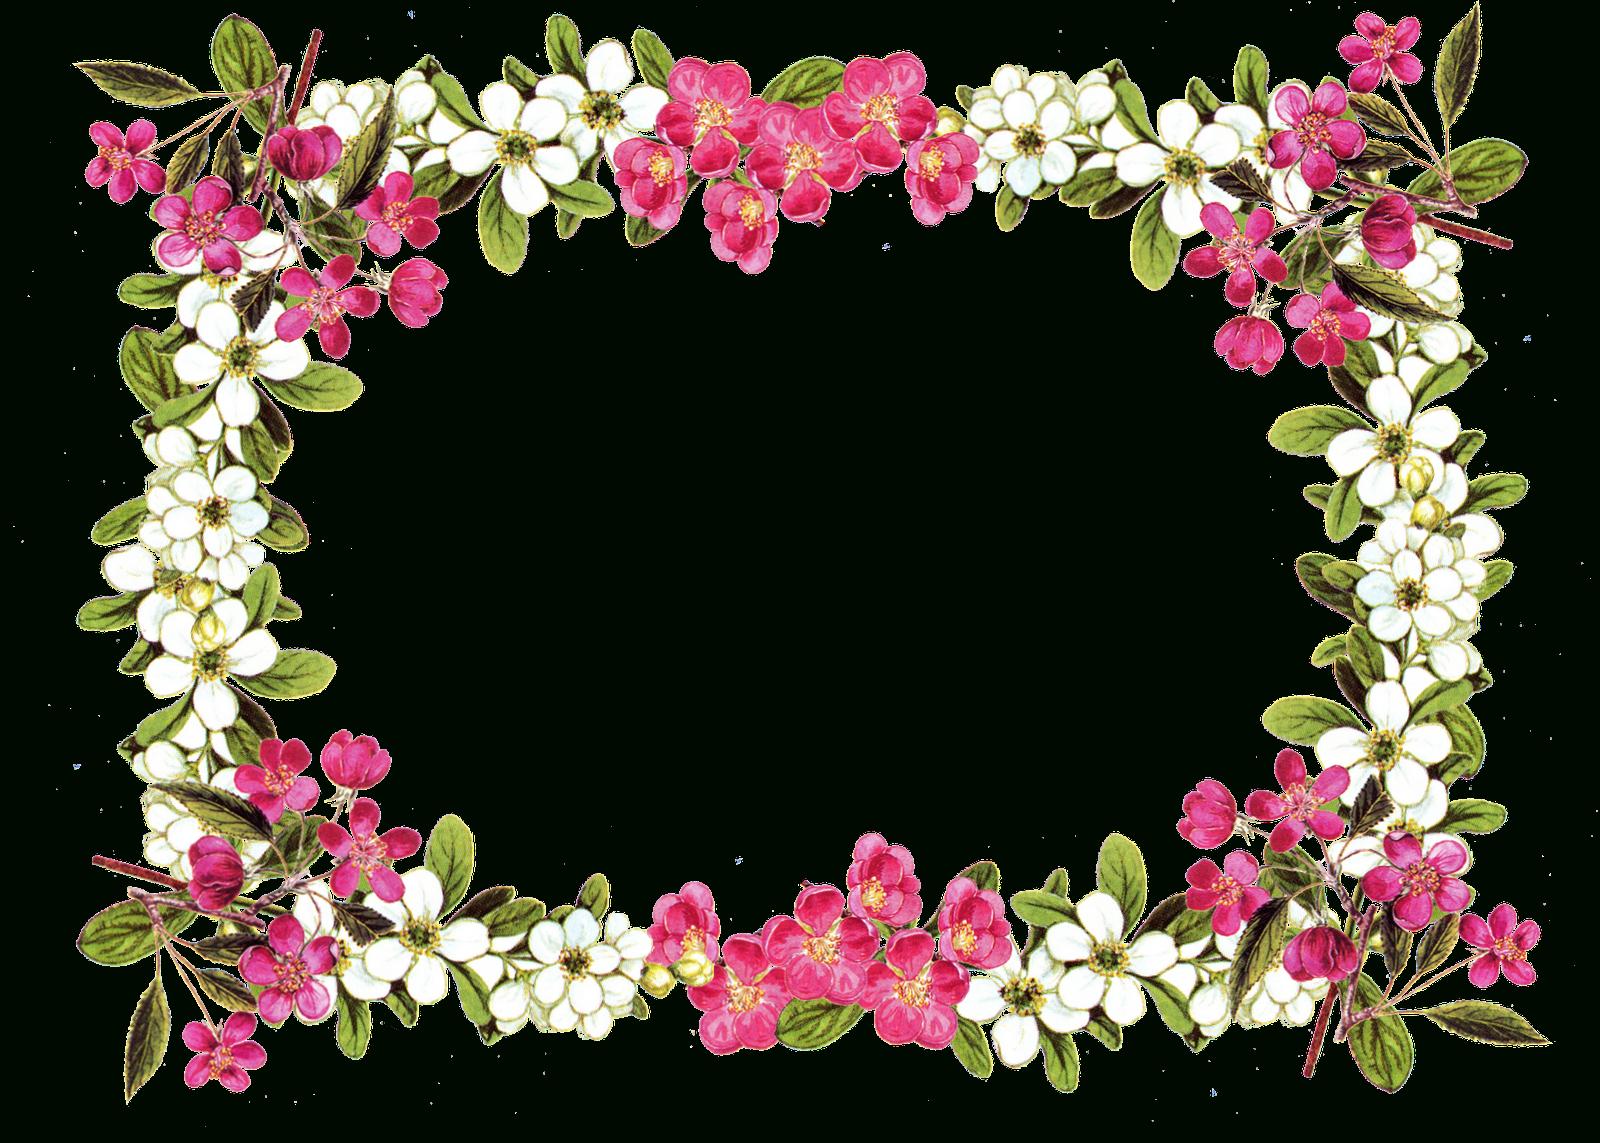 Pin Von Adele Gilmore Auf Wow | Pinterest | Blumenrahmen, Blumen Und - Free Printable Clip Art Flowers